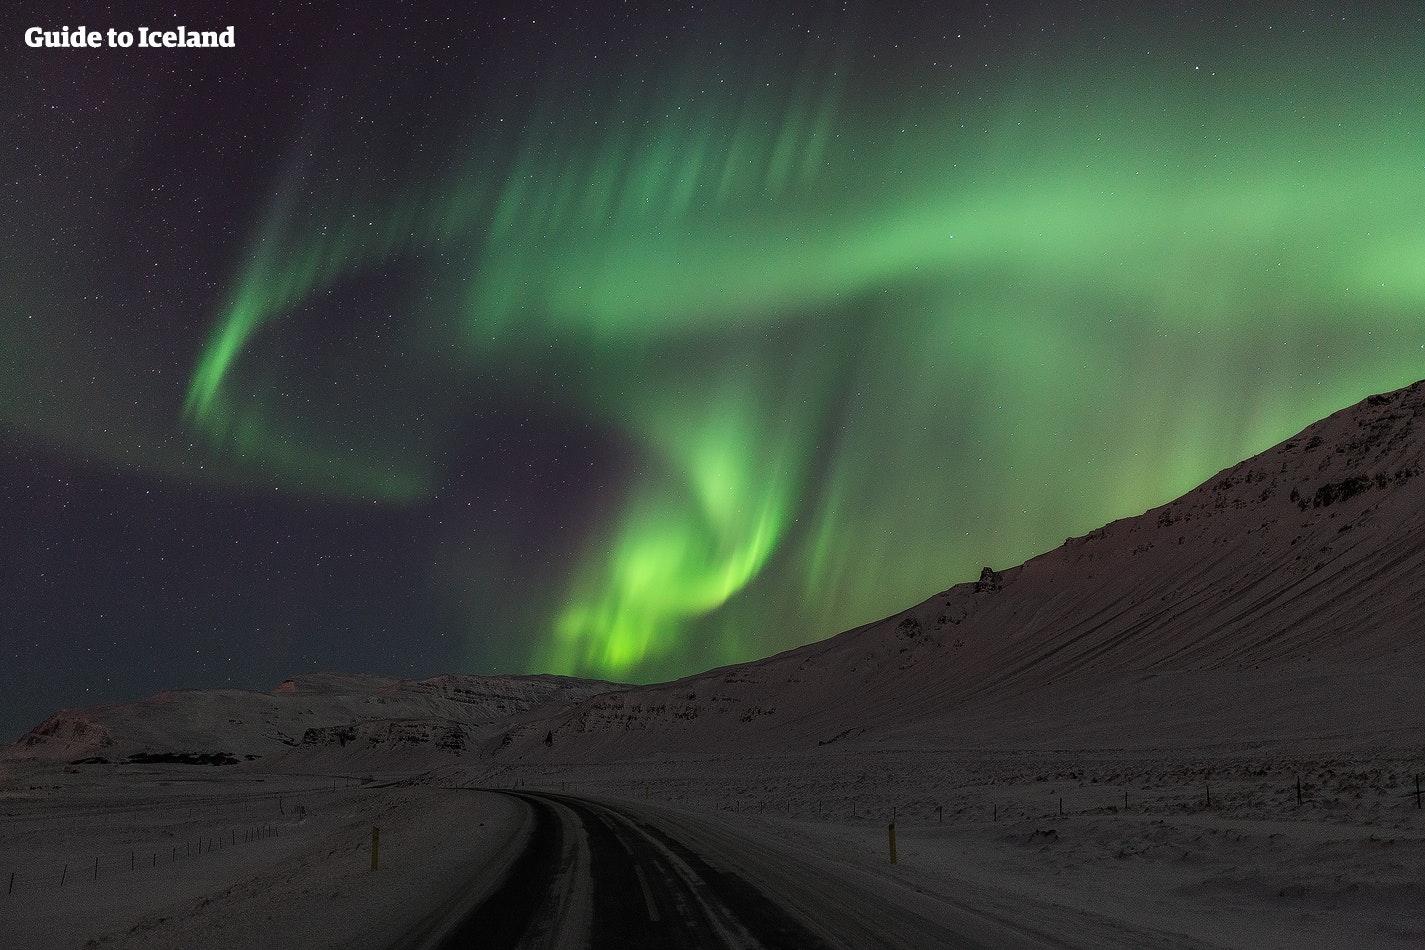 冰岛冬季是极光季,是到冰岛追极光的最佳时间